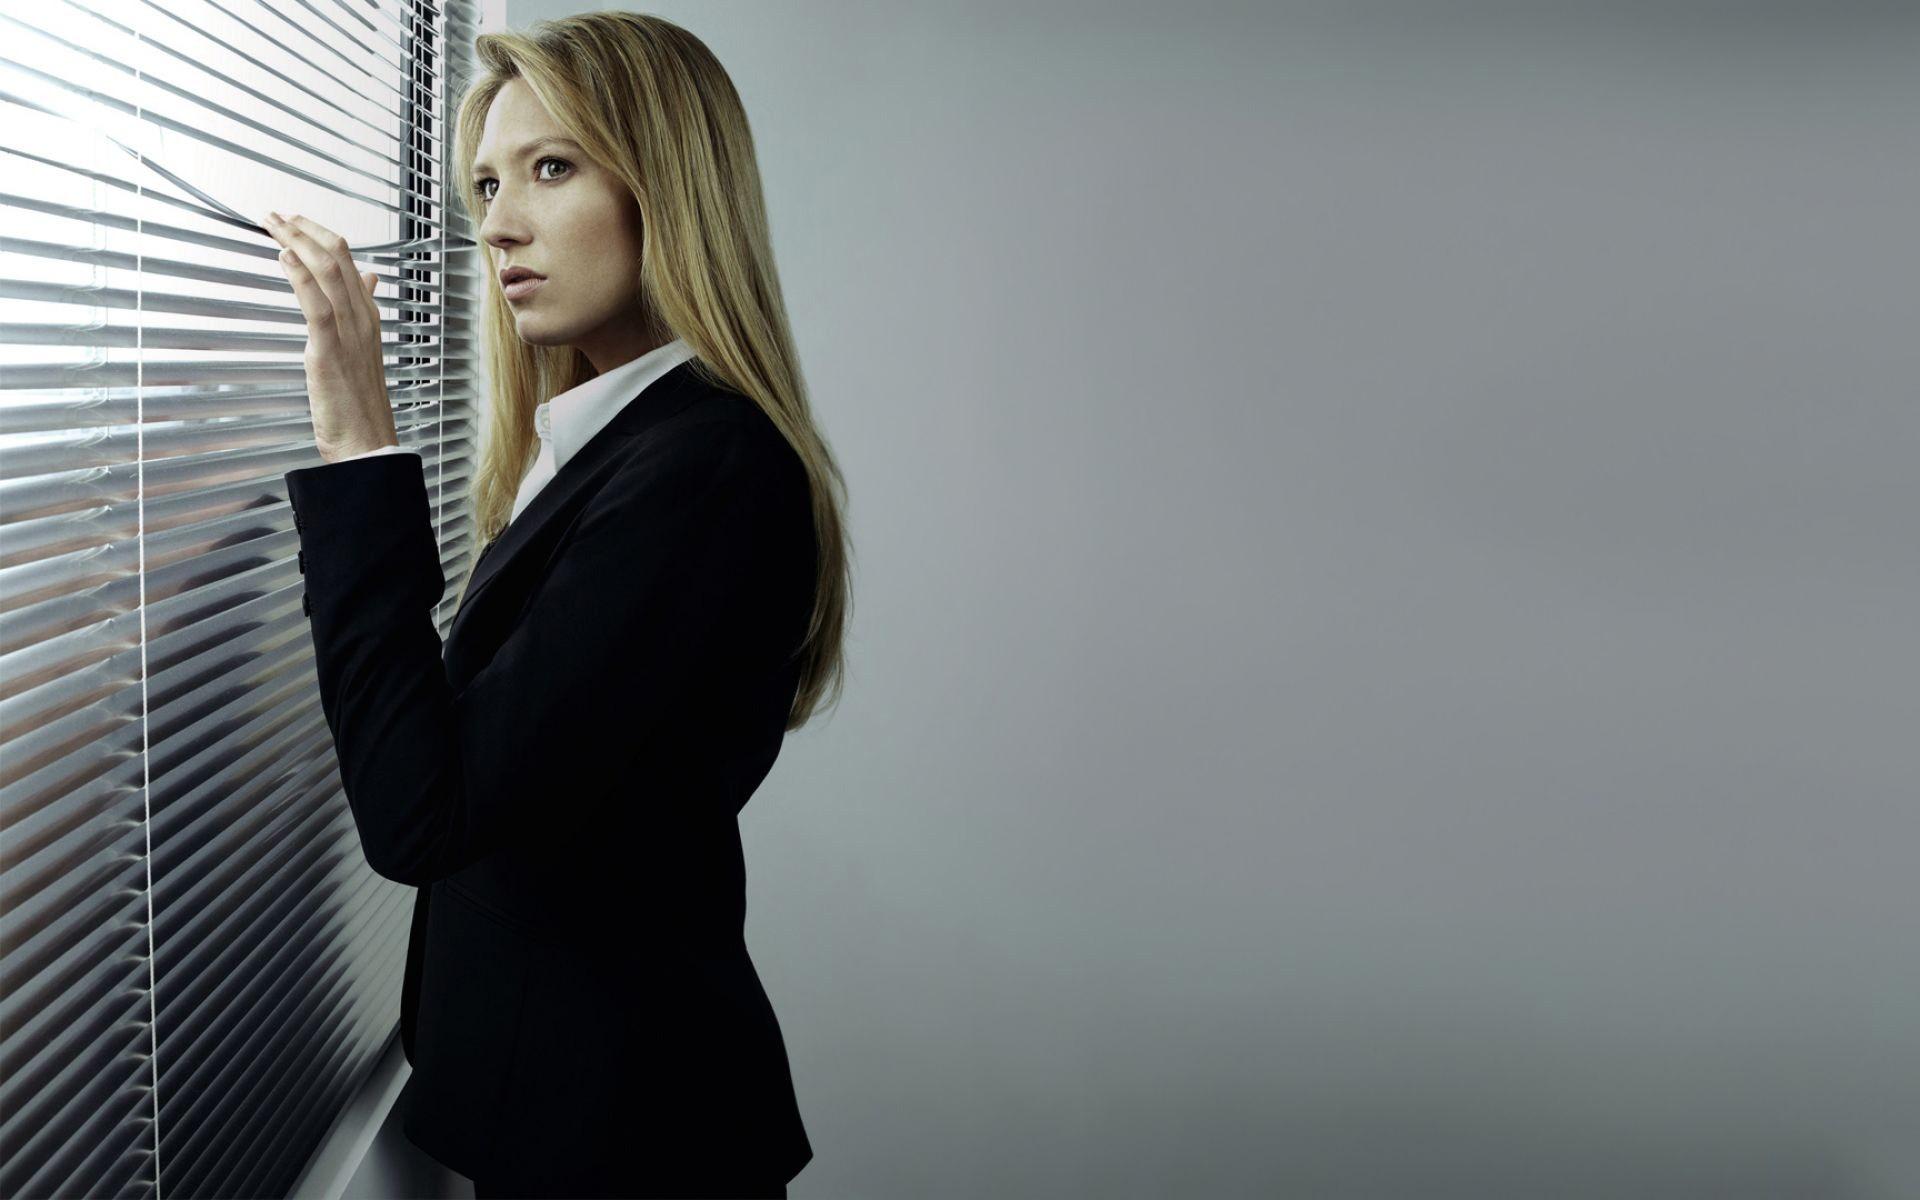 этом офисные деловые фото на обои ваше доверие